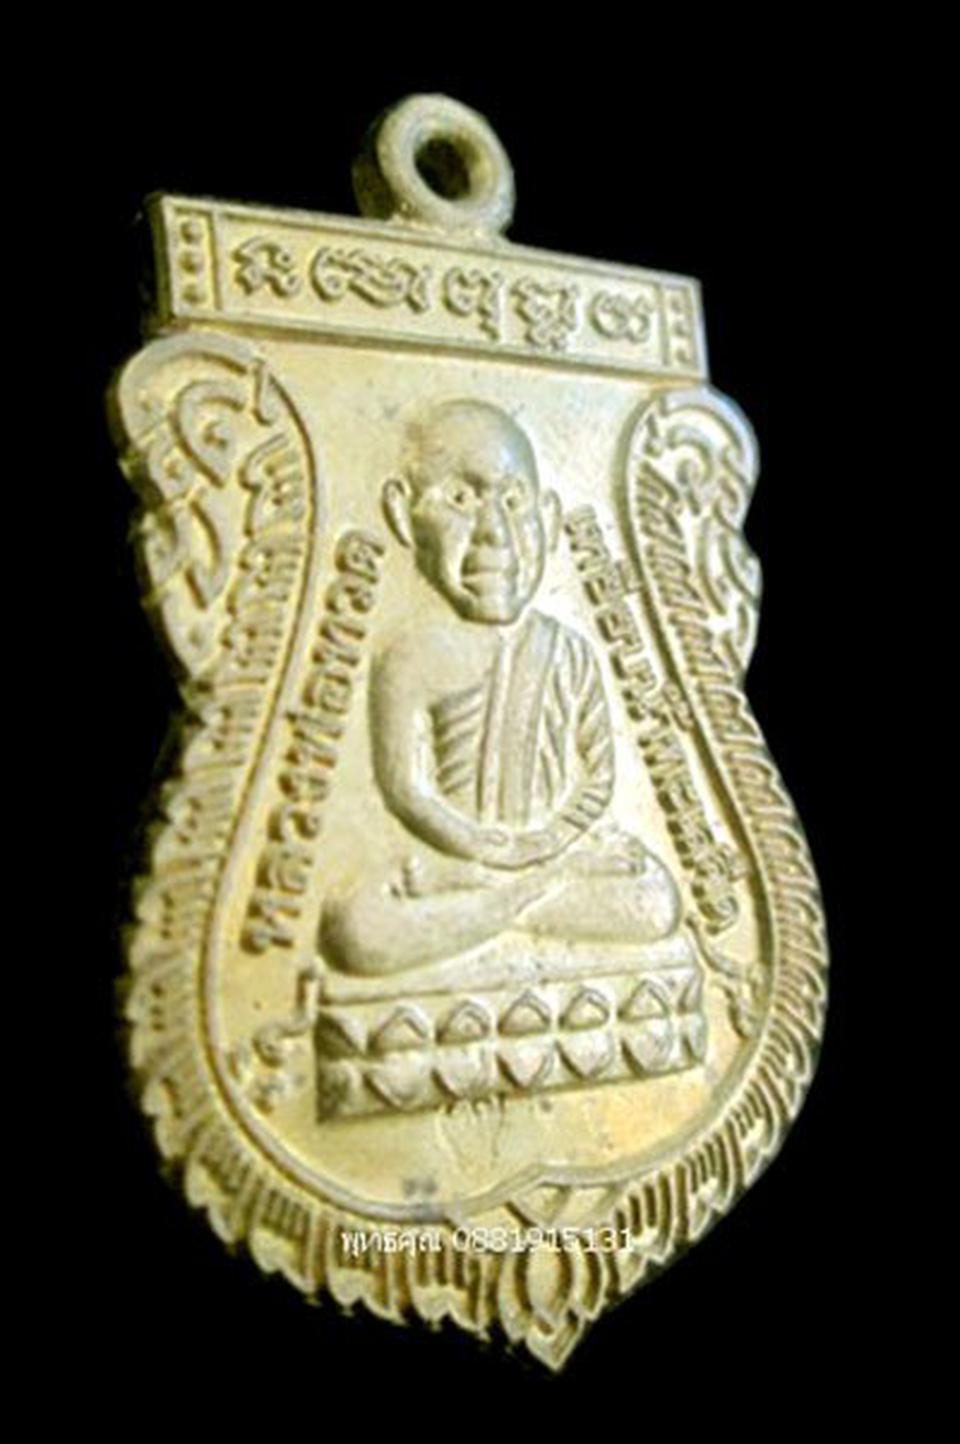 เหรียญรุ่นแรกหลวงปู่ทวดหลังหลวงปู่สุระ วัดปิยะธรรมาราม ยะลา รูปที่ 2